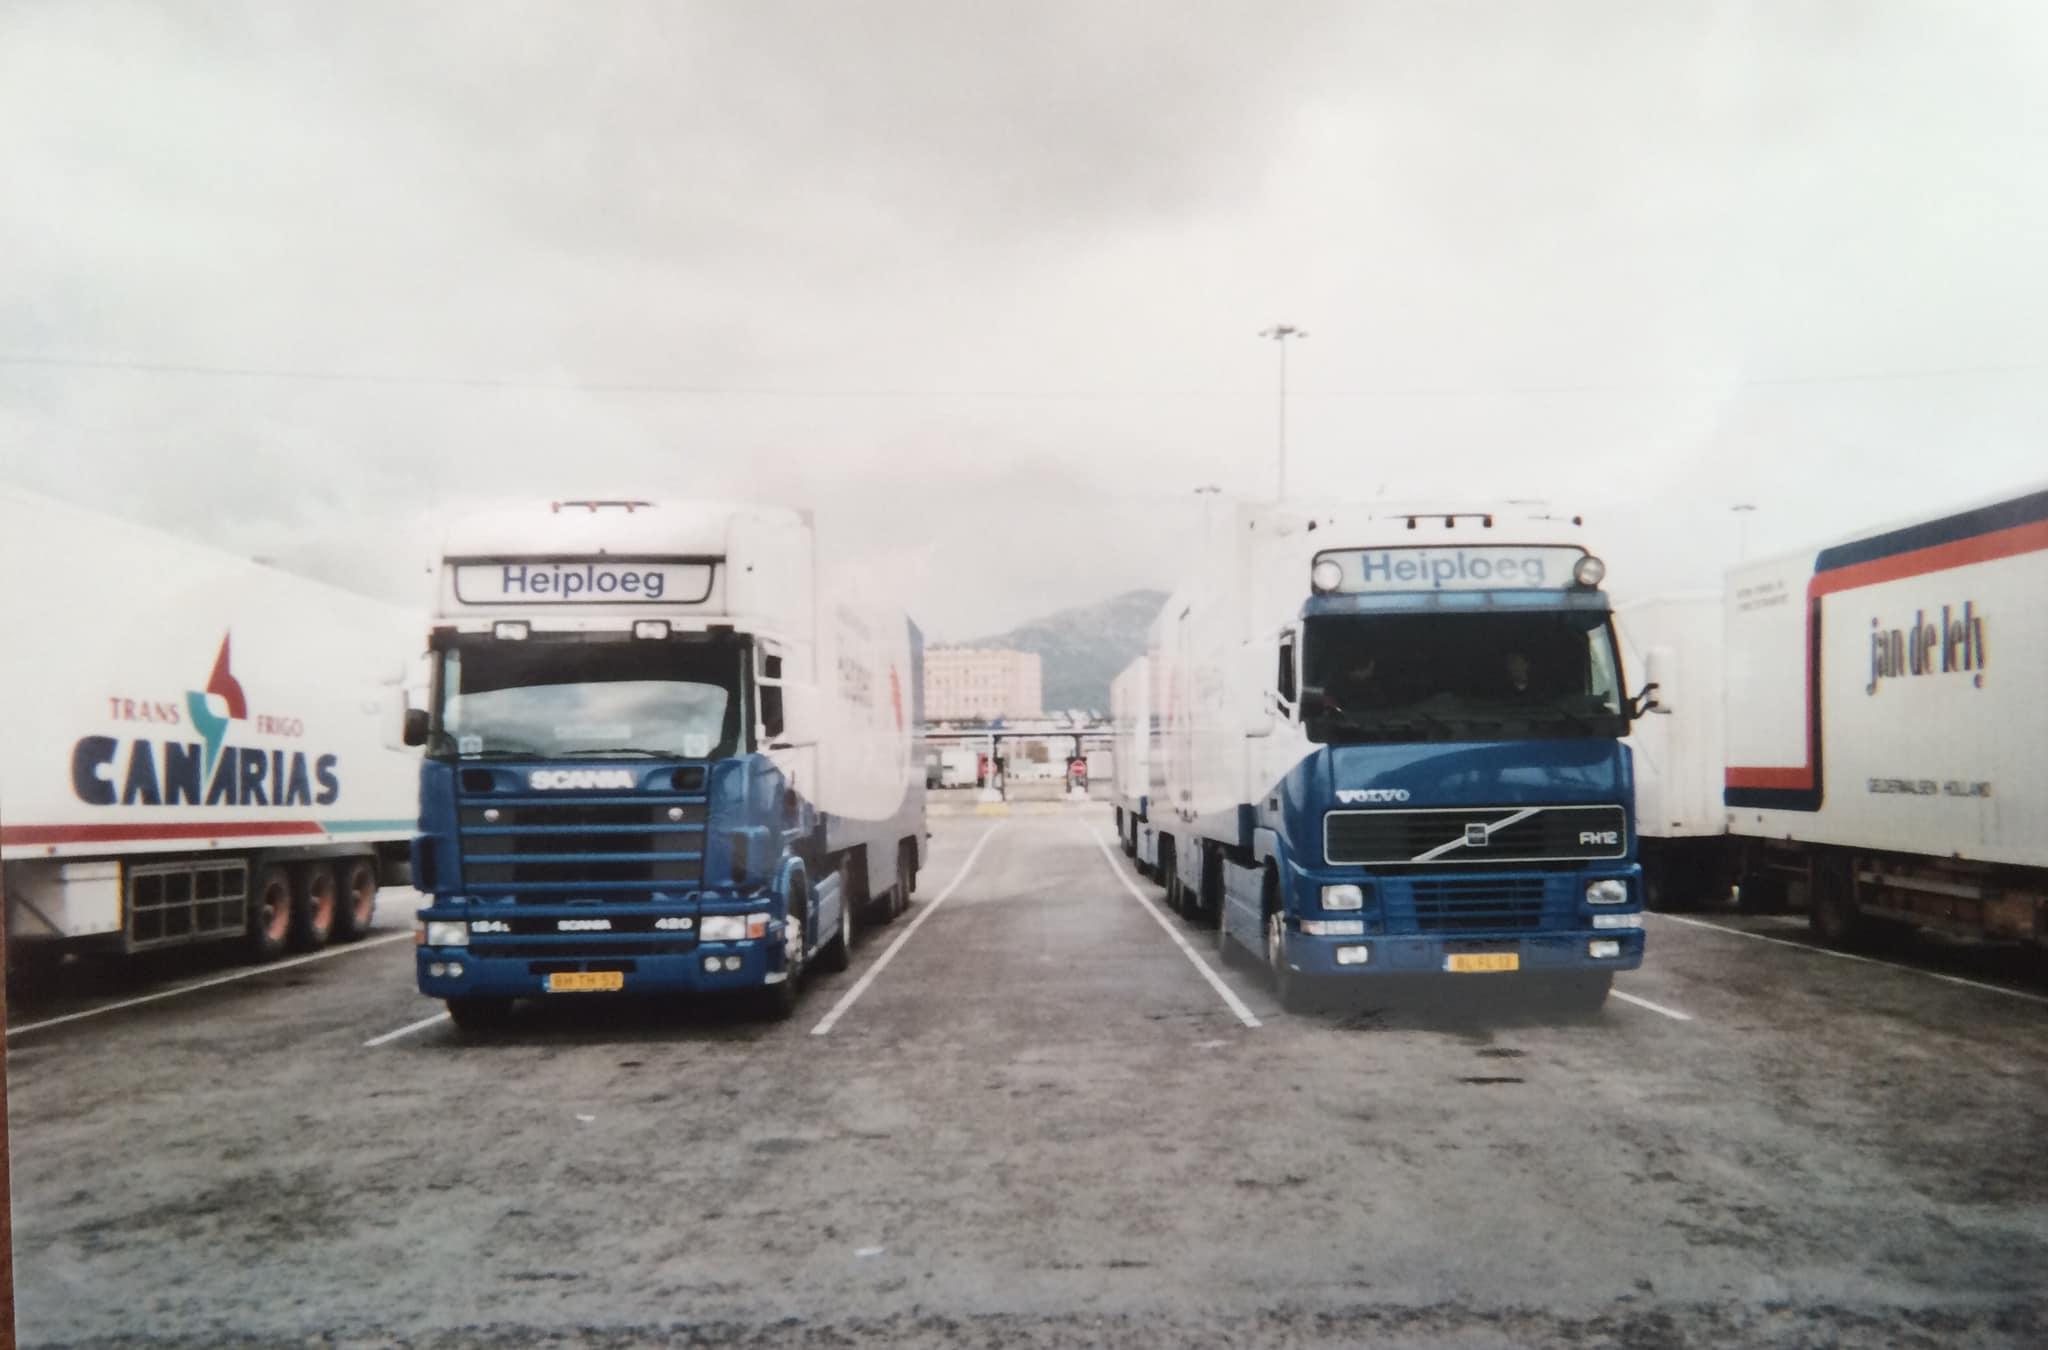 Hendrik-Westra--Algeciras-wachten-voor-de-boot-om-naar-Marokko-te-gaan